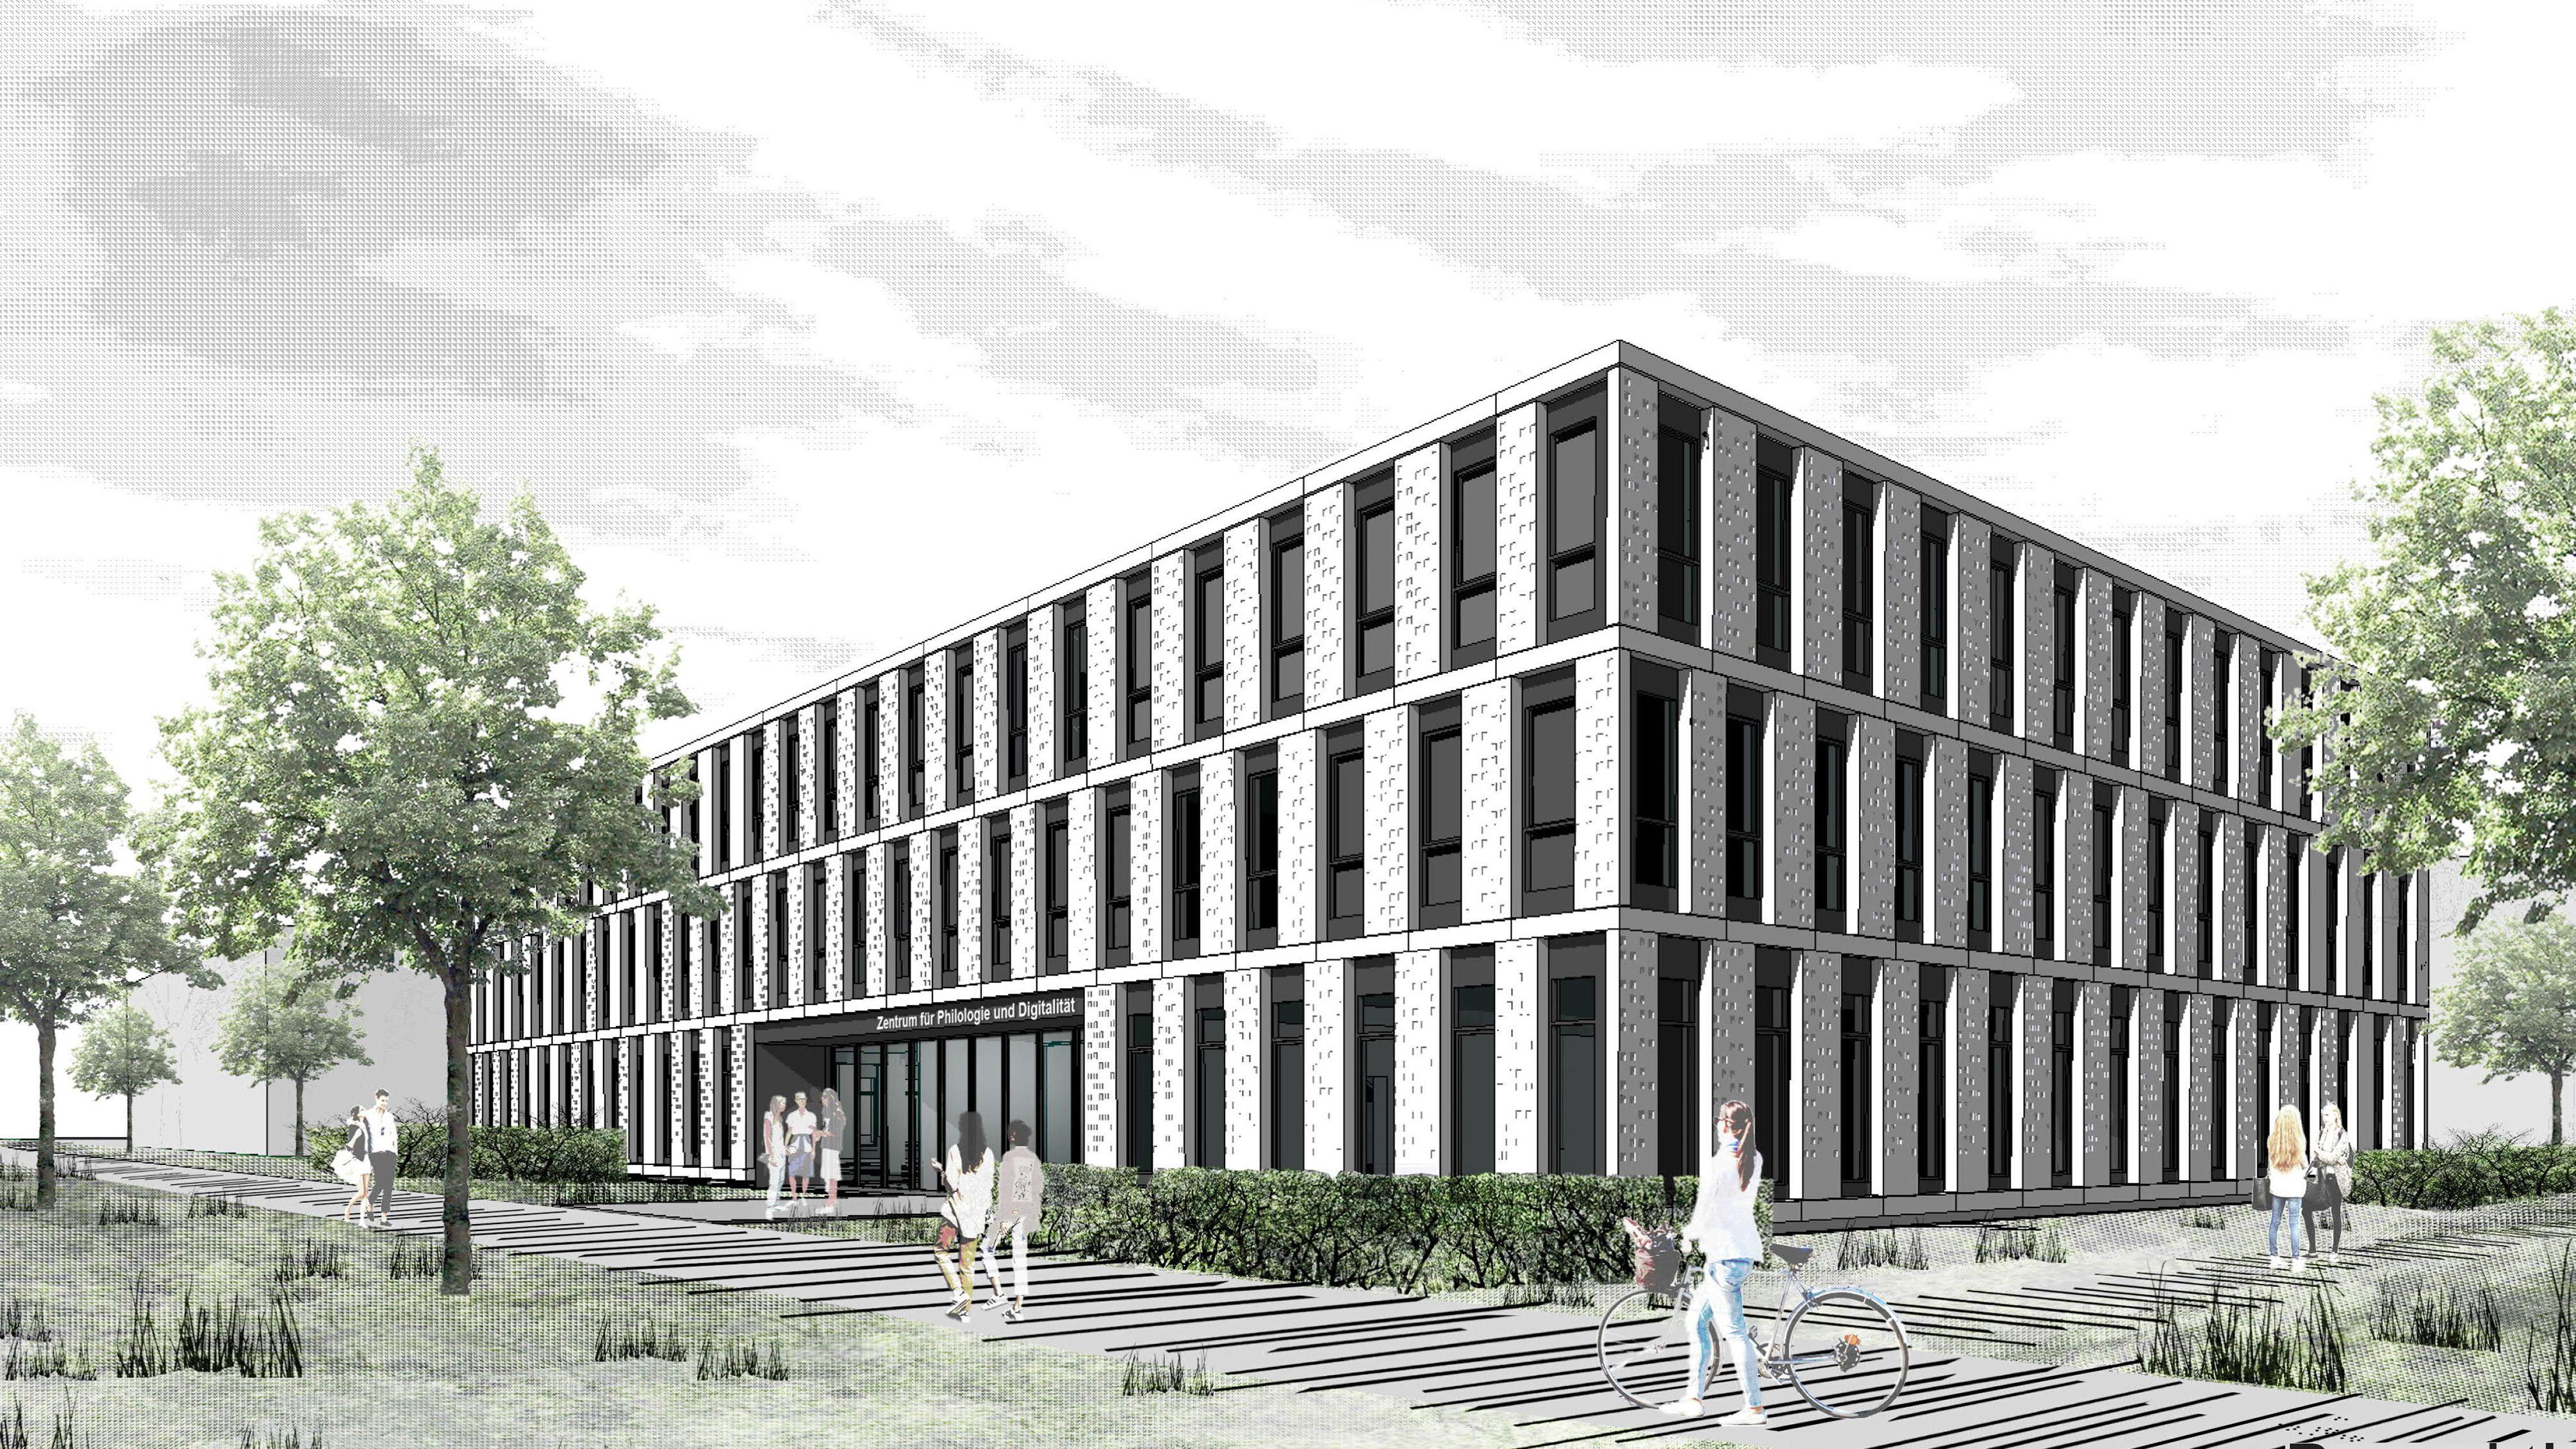 So wird das Zentrum für Philologie und Digitalität aussehen. Der Entwurf stammt vom Architekturbüro Auer und Weber Architekten BDA aus Stuttgart.